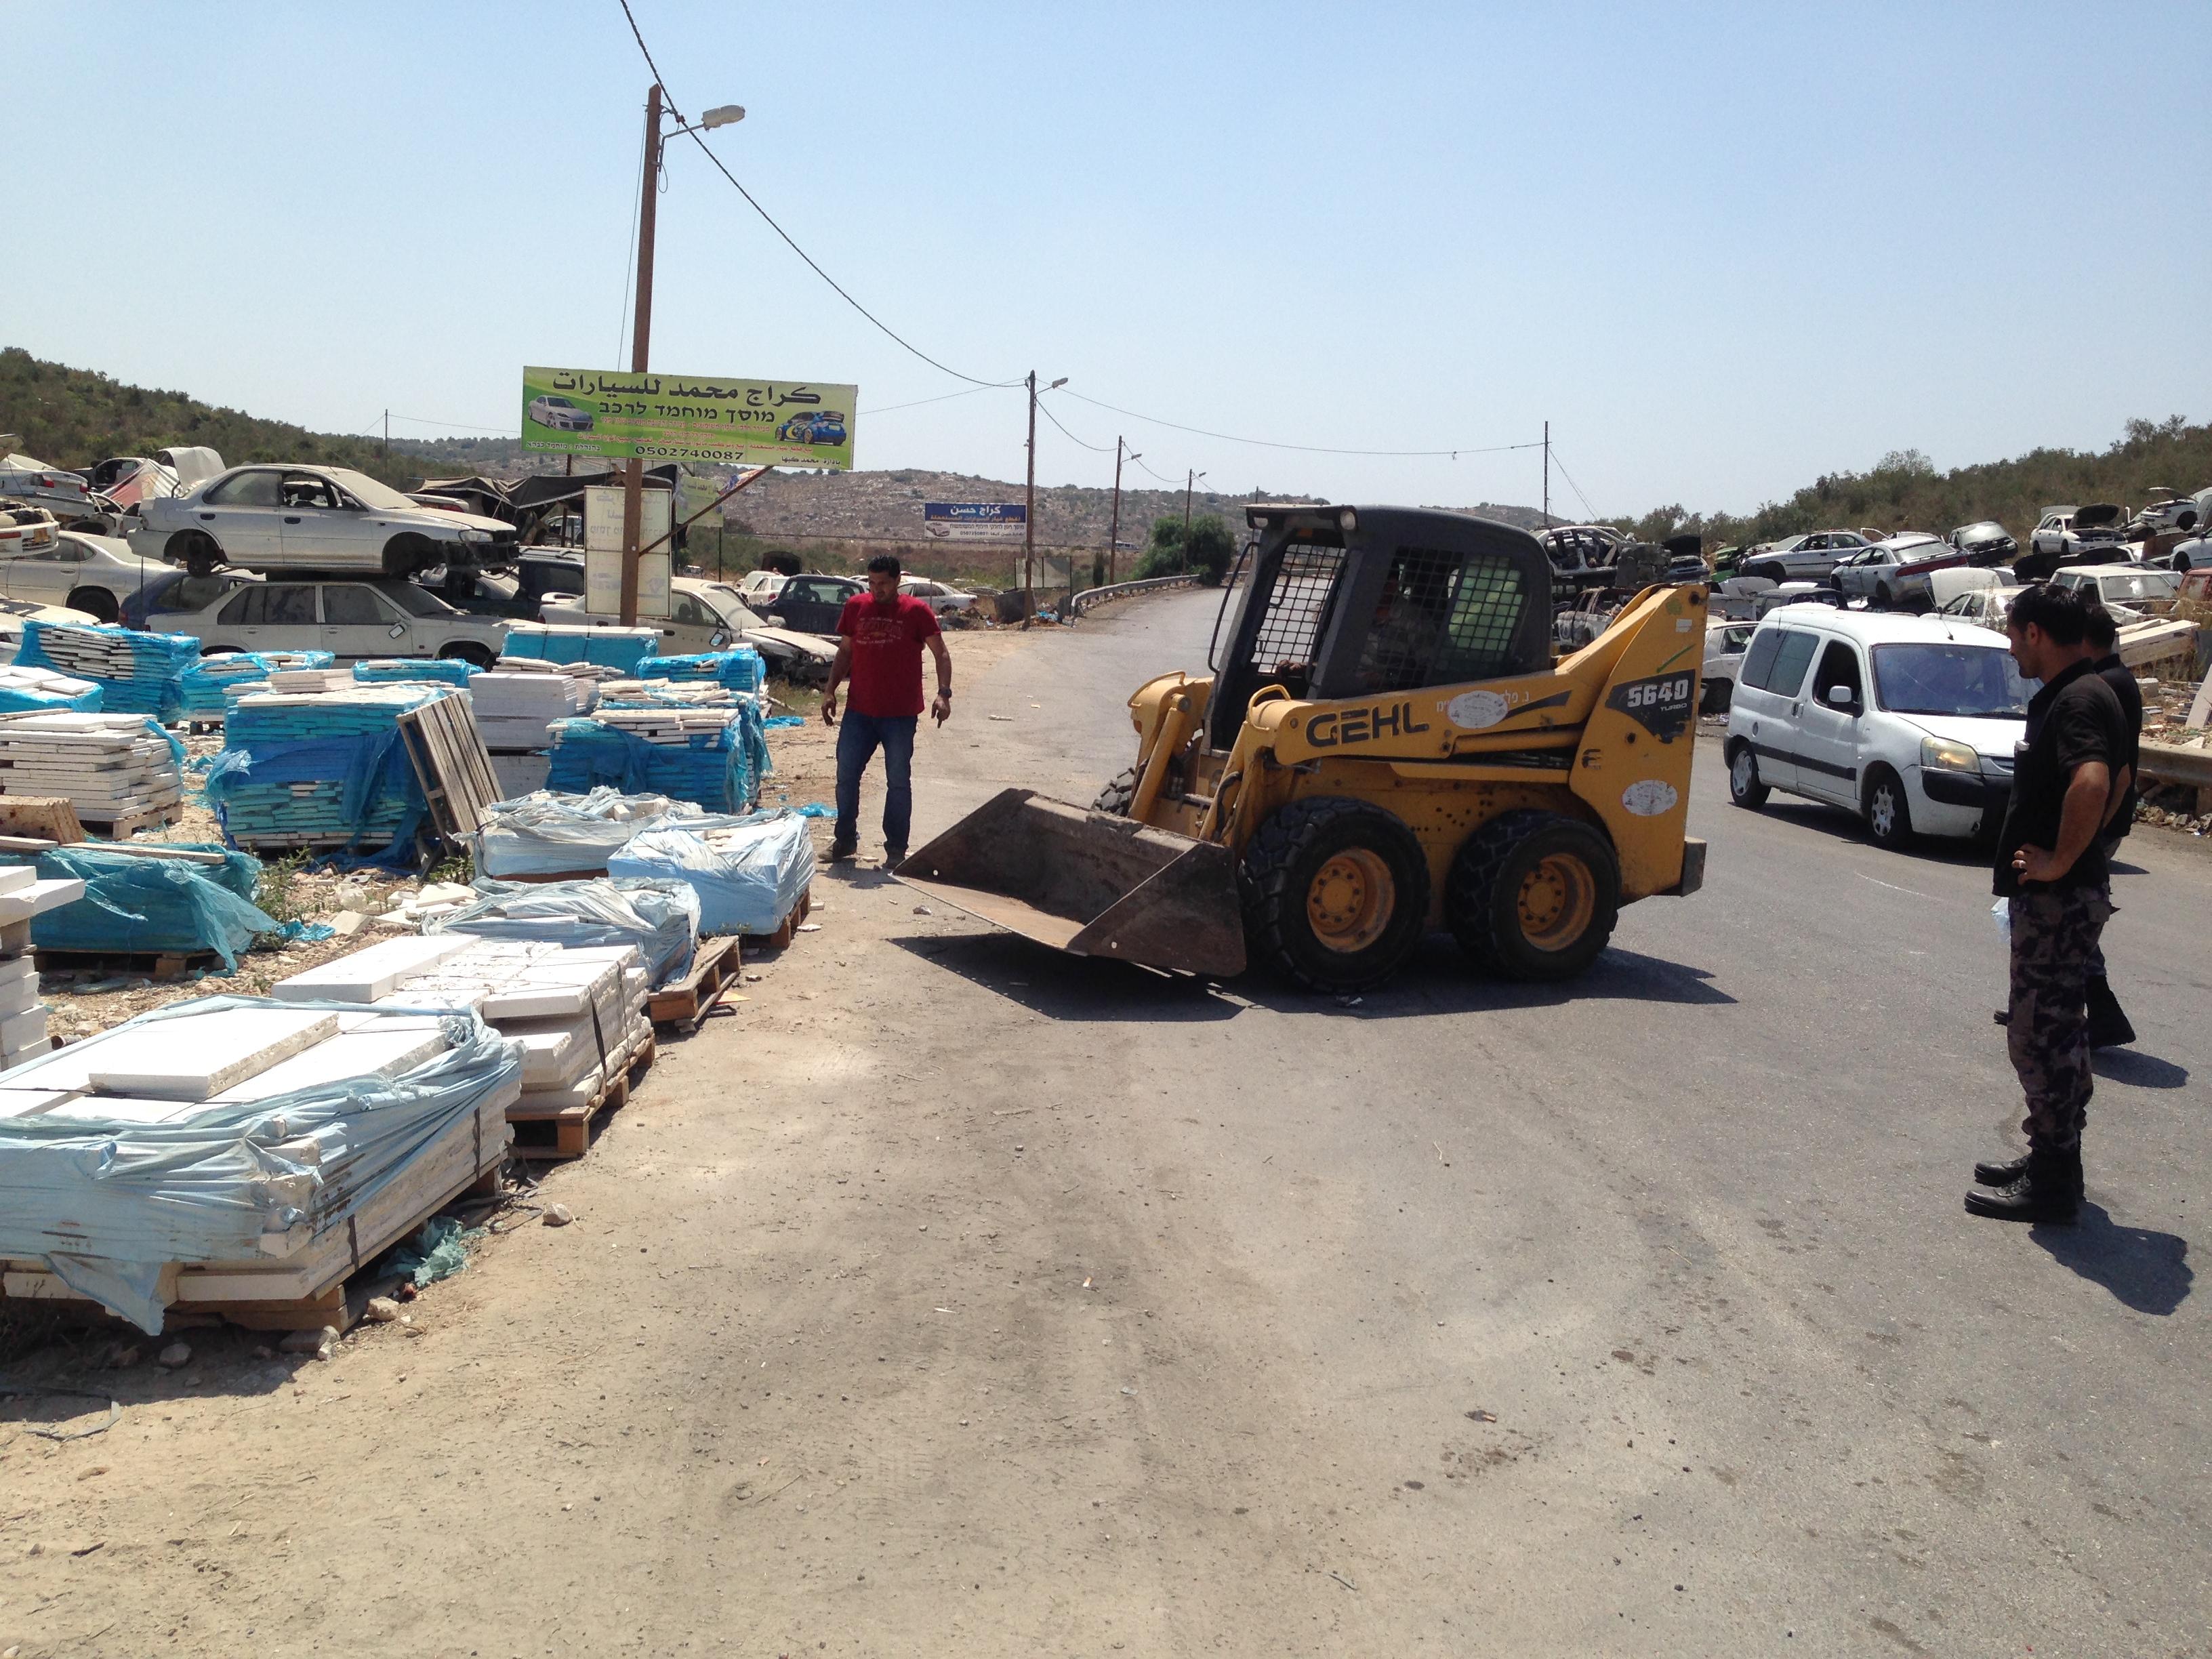 مجلس قروي برطعة والدفاع المدني برطعة بحملة تنظيف وإزالة التعديات على الشارع الرئيسي للقرية.